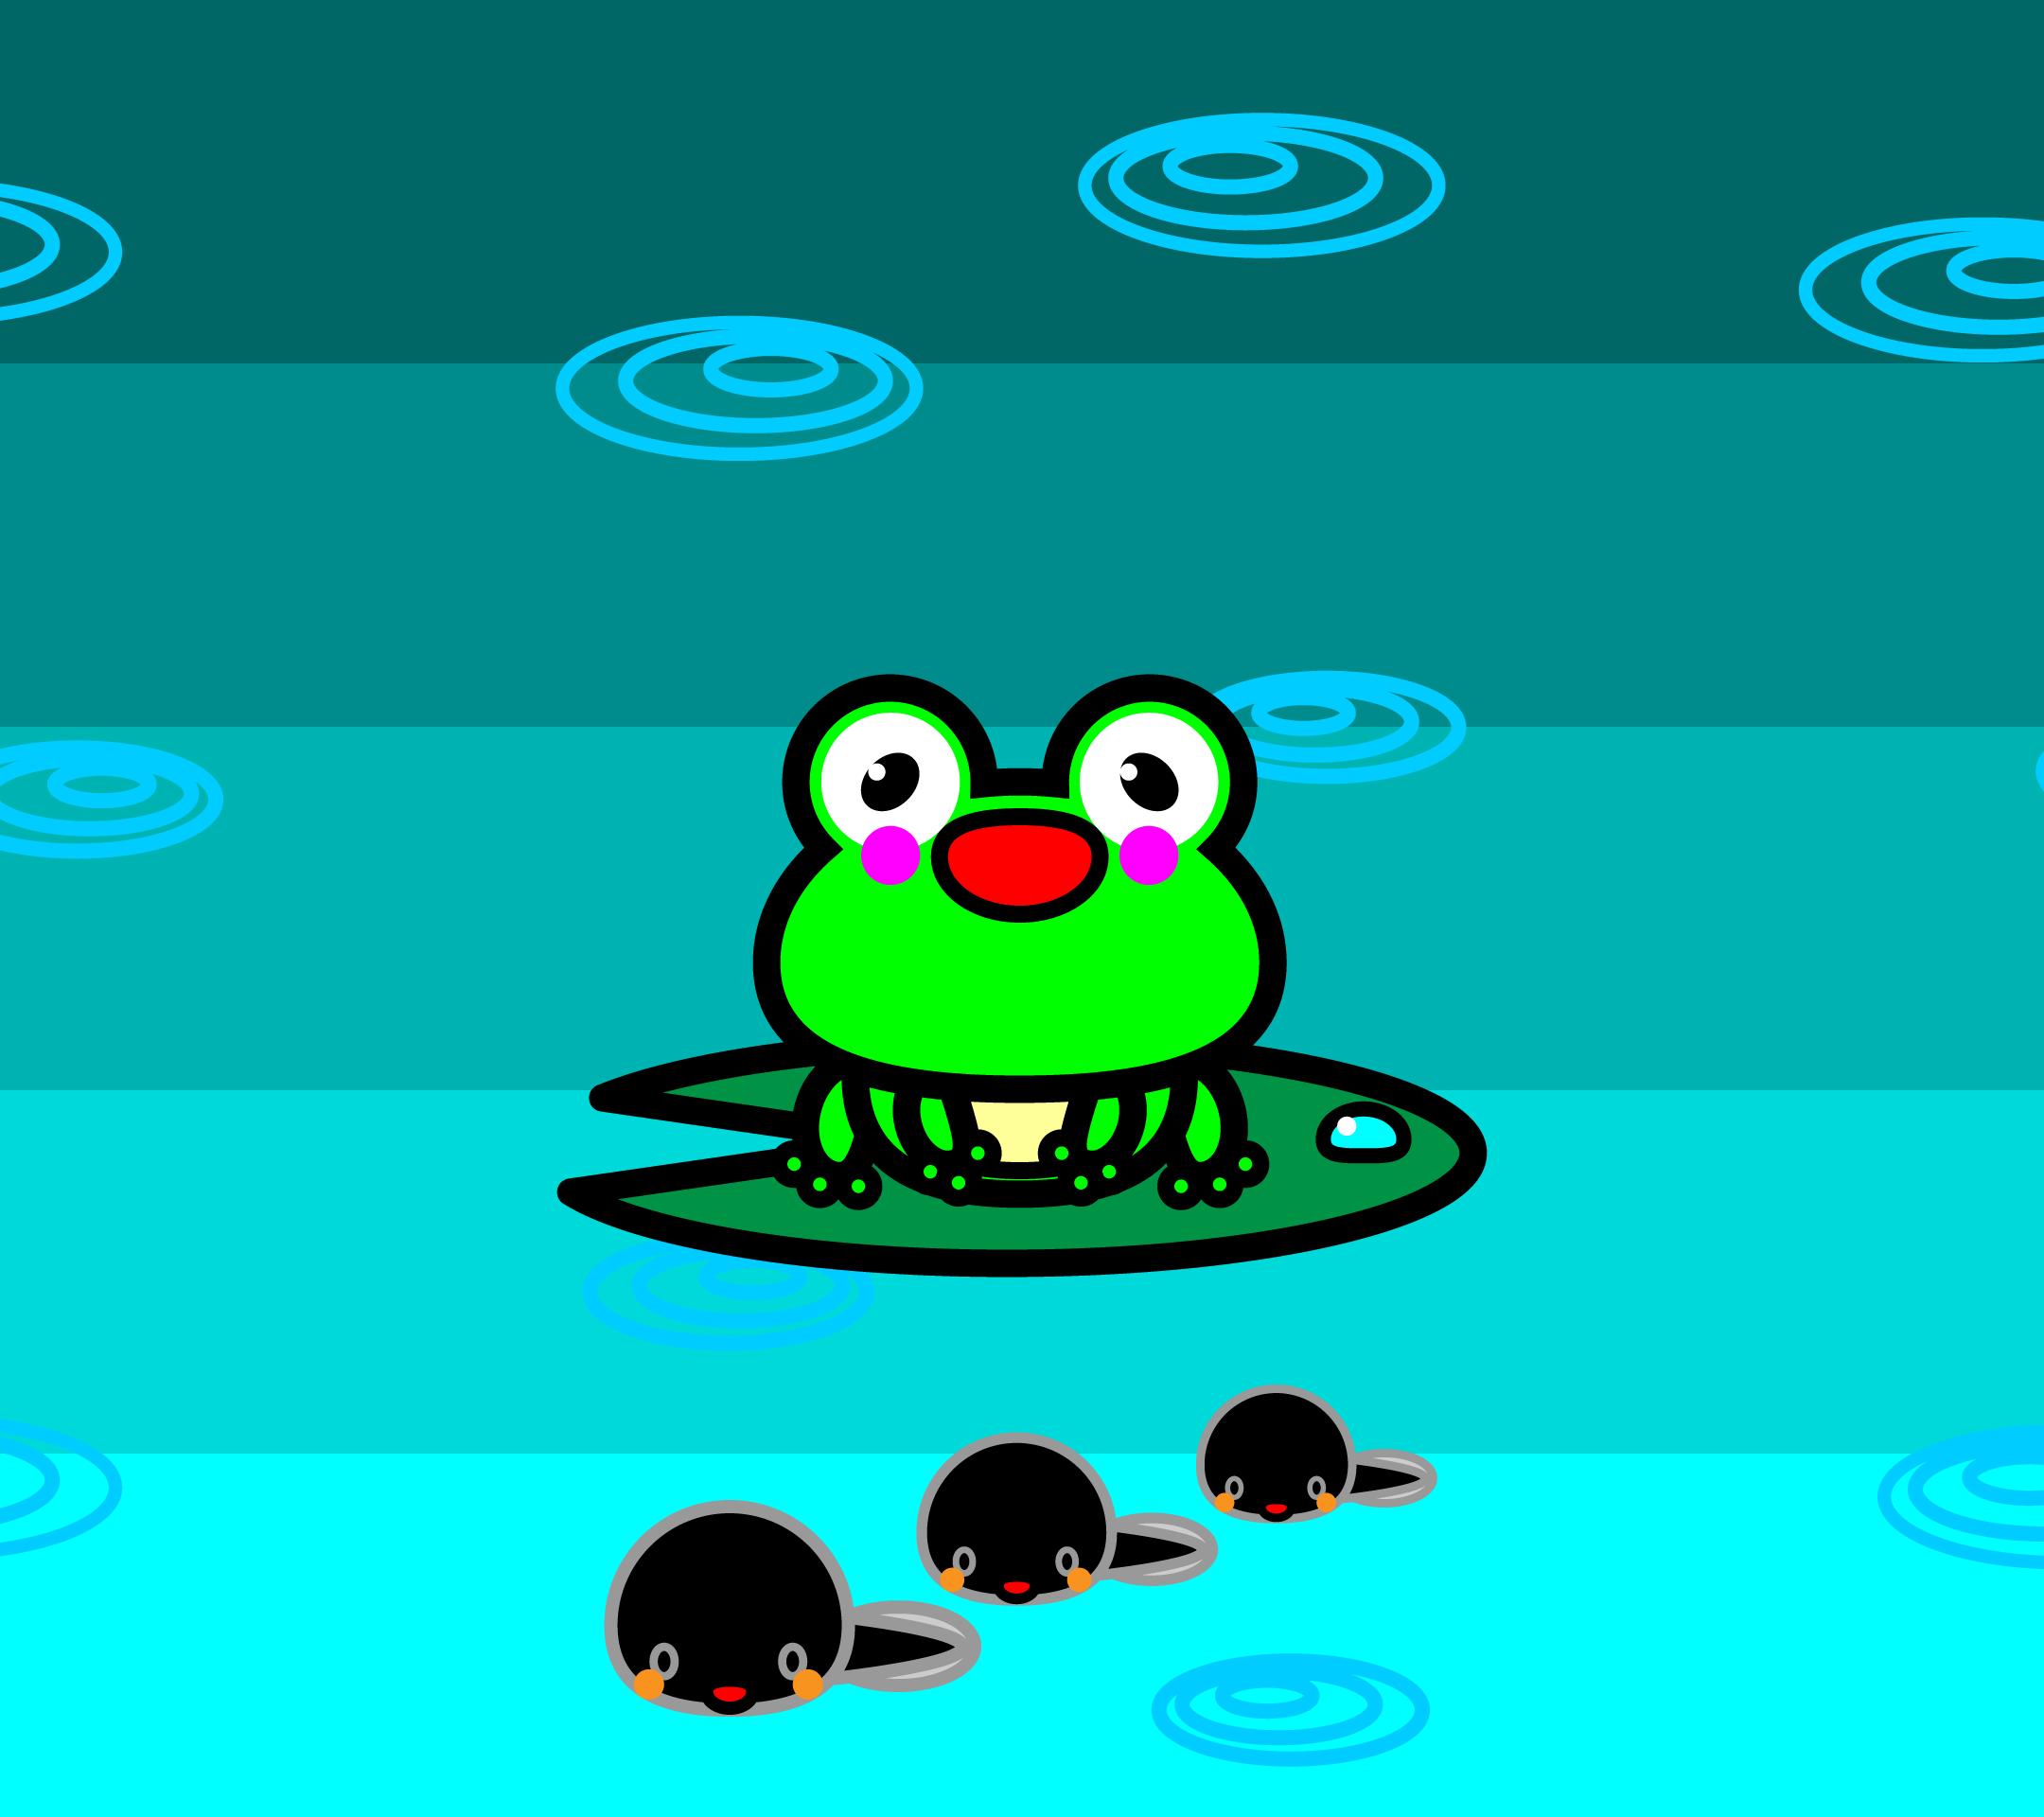 かわいいカエルとおたまじゃくし壁紙(Android)の無料イラスト・商用フリー